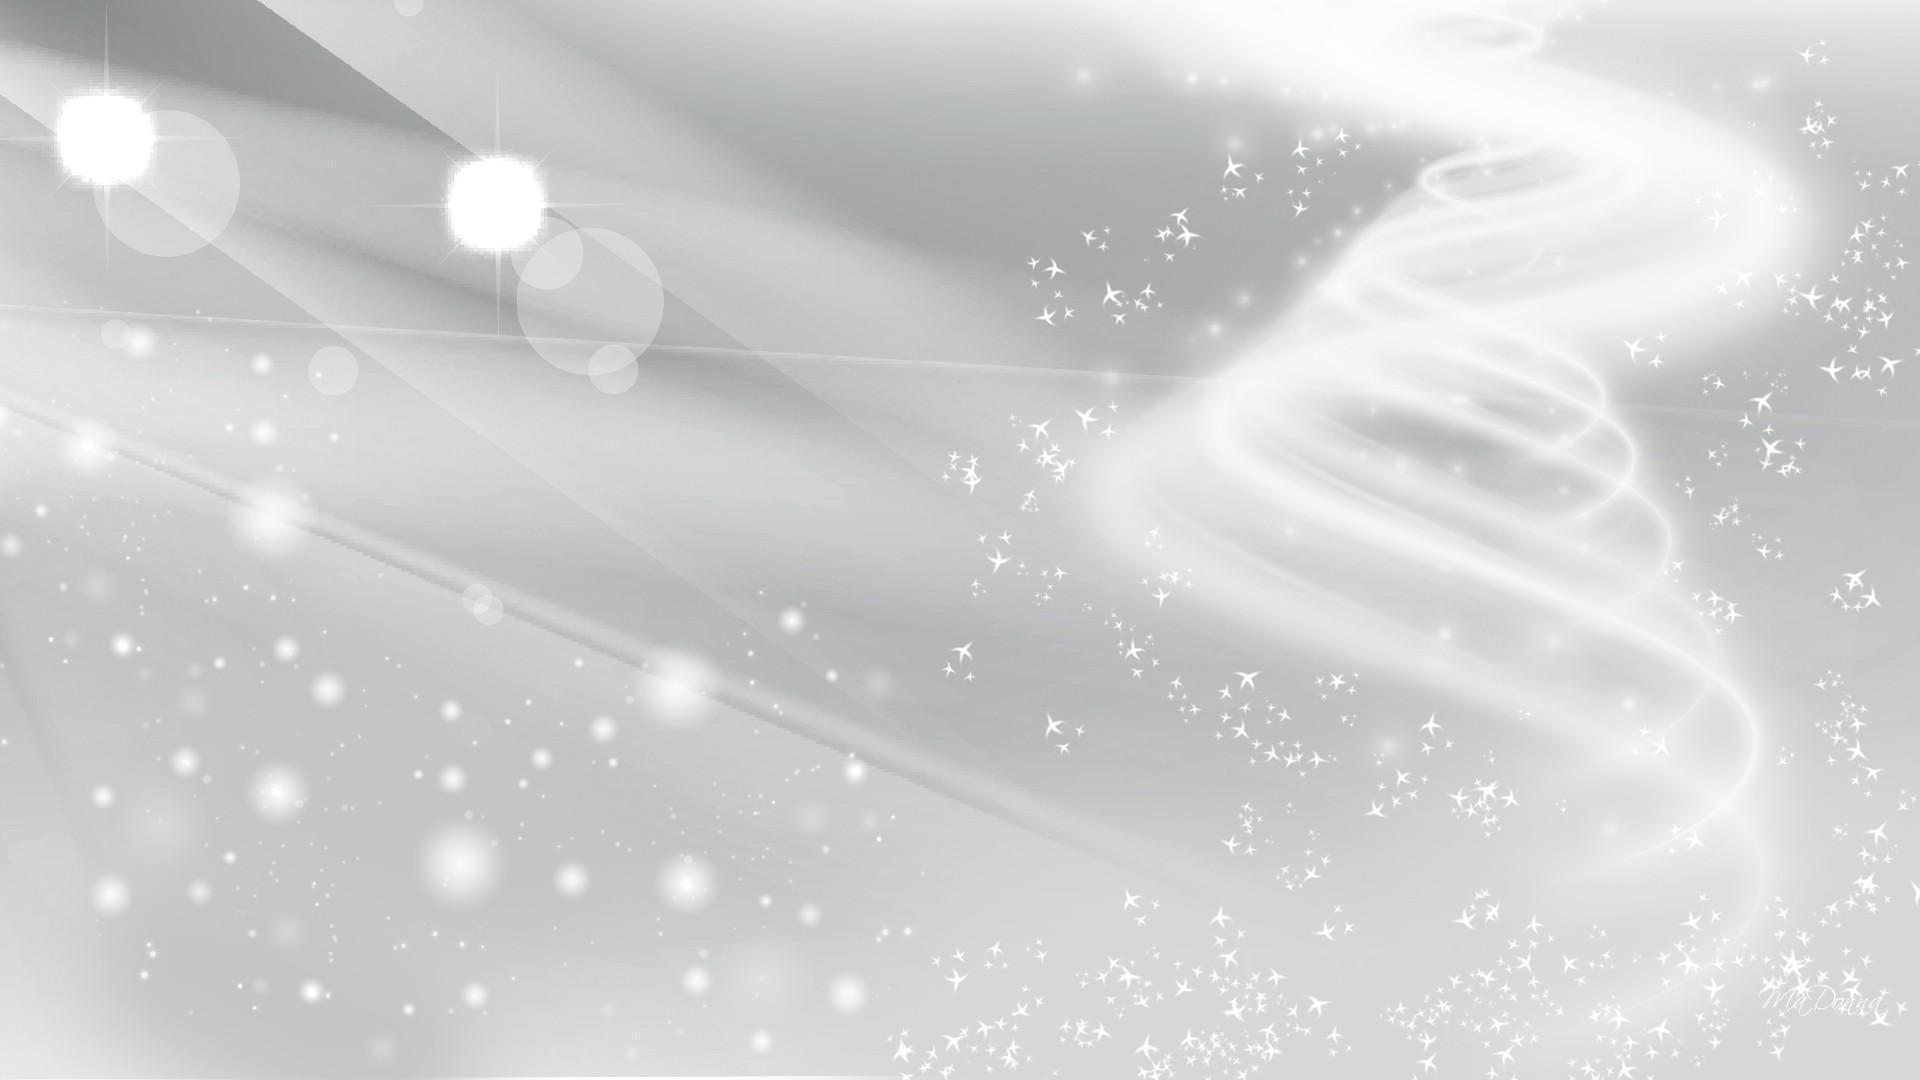 Hình nền trắng đẹp (52)